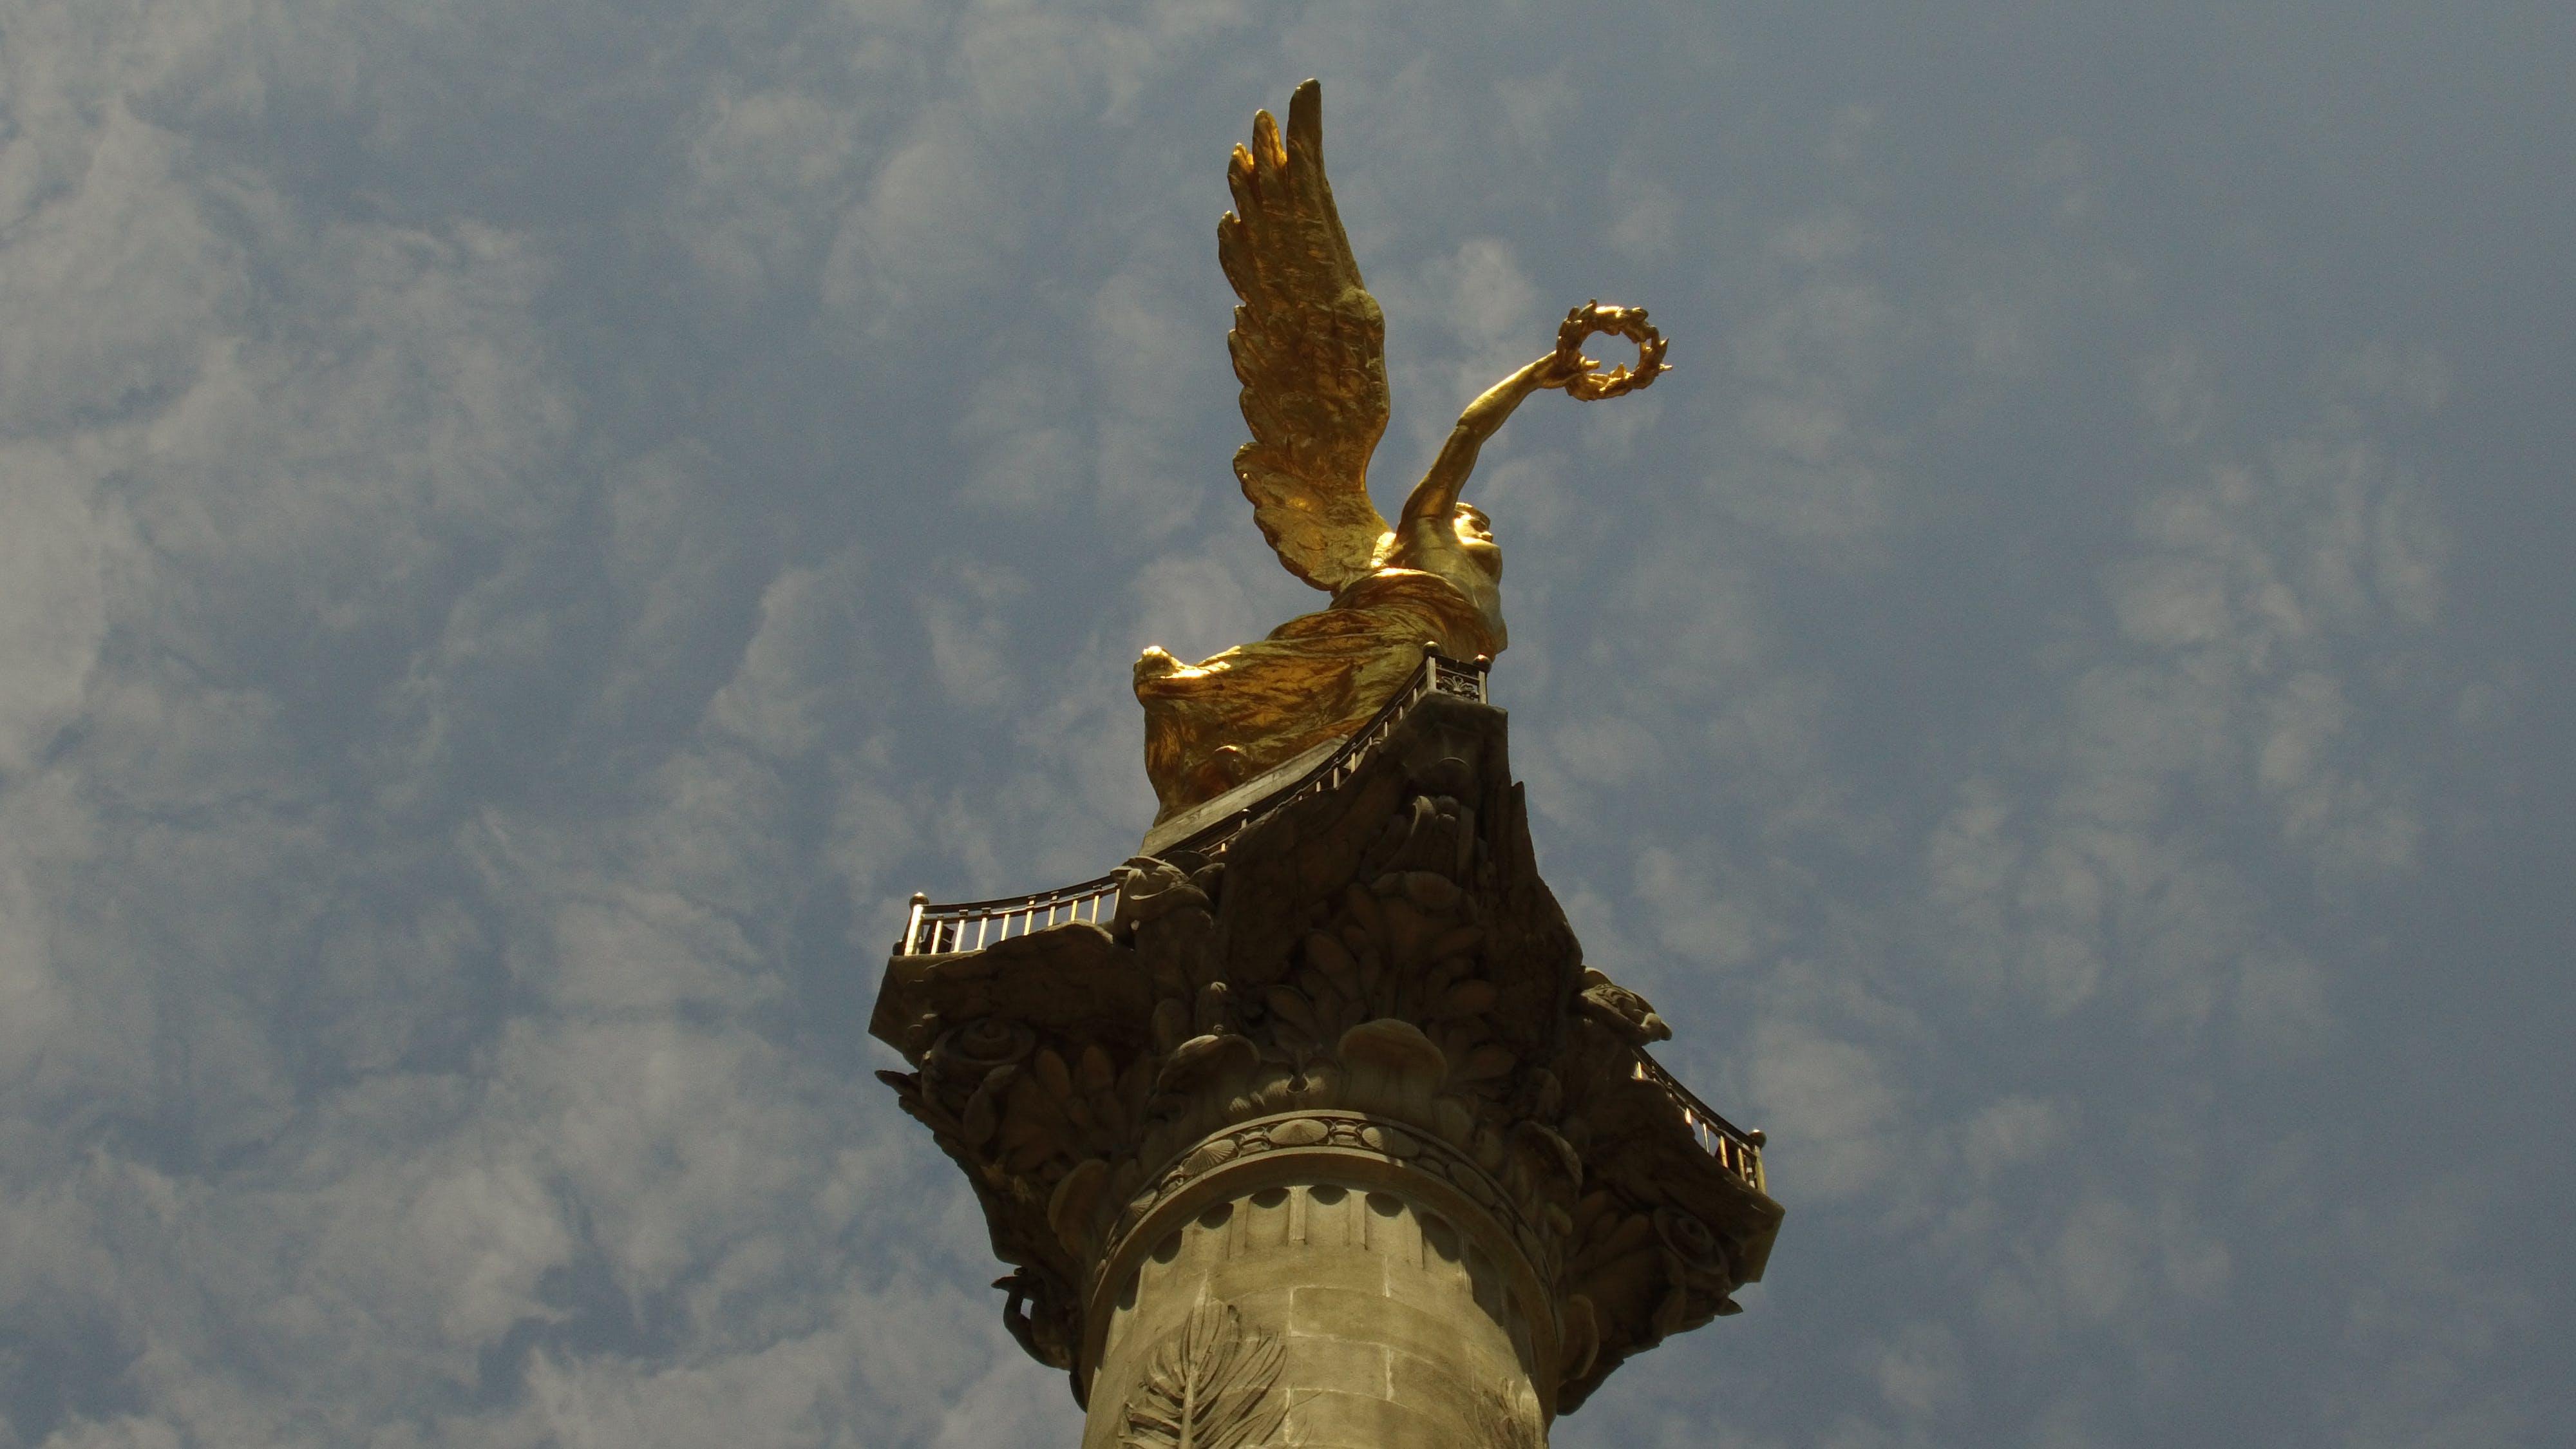 Free stock photo of Angel de la independencia, Ciudad de méxico, escultura